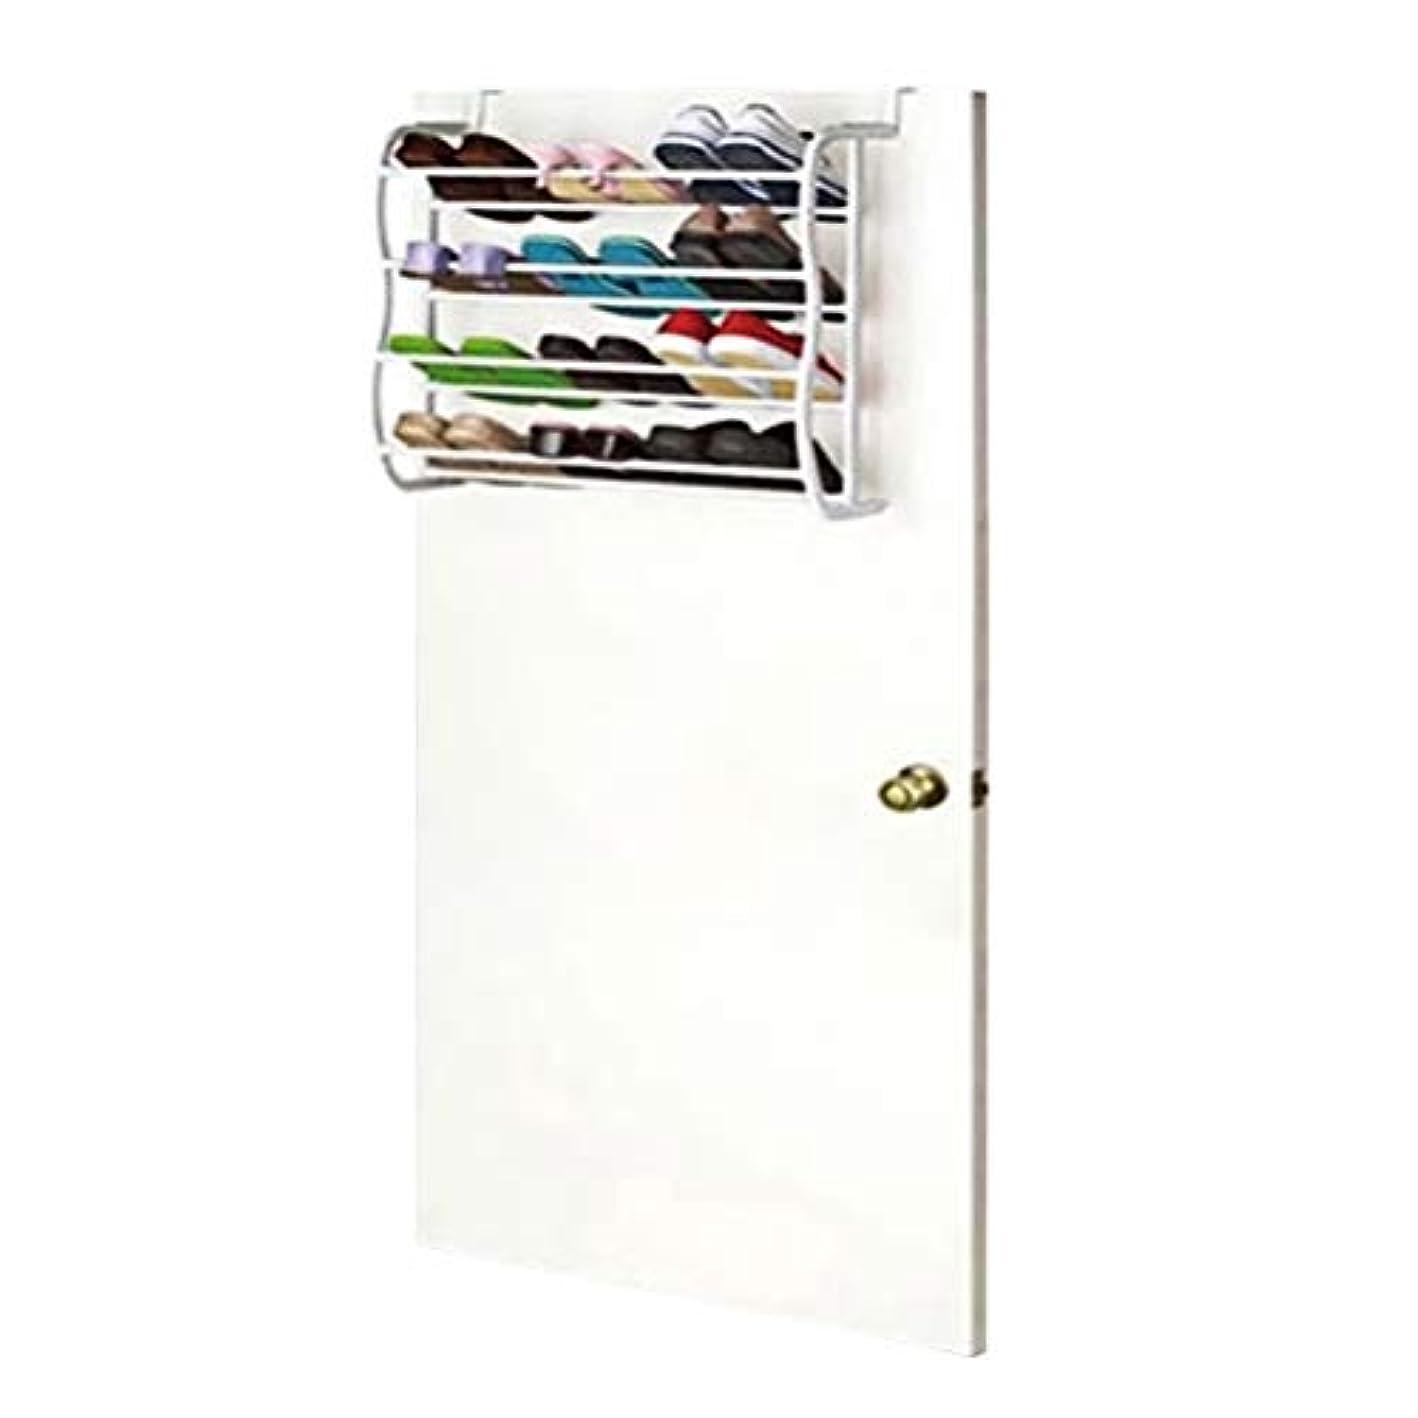 TOPBATHY Over Door Hanging Shoe Rack Slippers Hanging Shelf for Entryway Door Bathroom Shower Room Shoe Organizer White